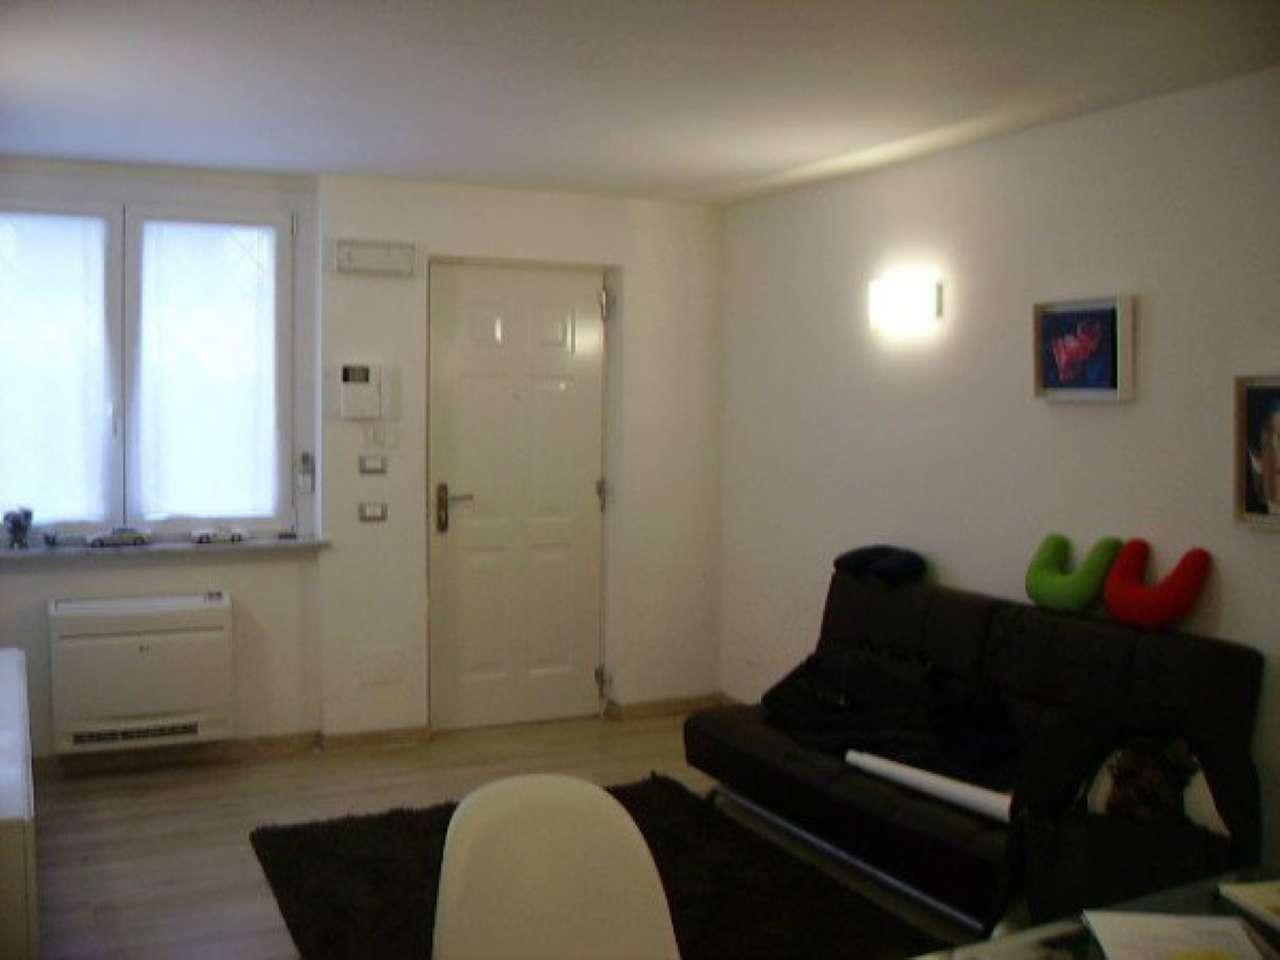 Ufficio / Studio in affitto a Pavia, 2 locali, prezzo € 450   CambioCasa.it